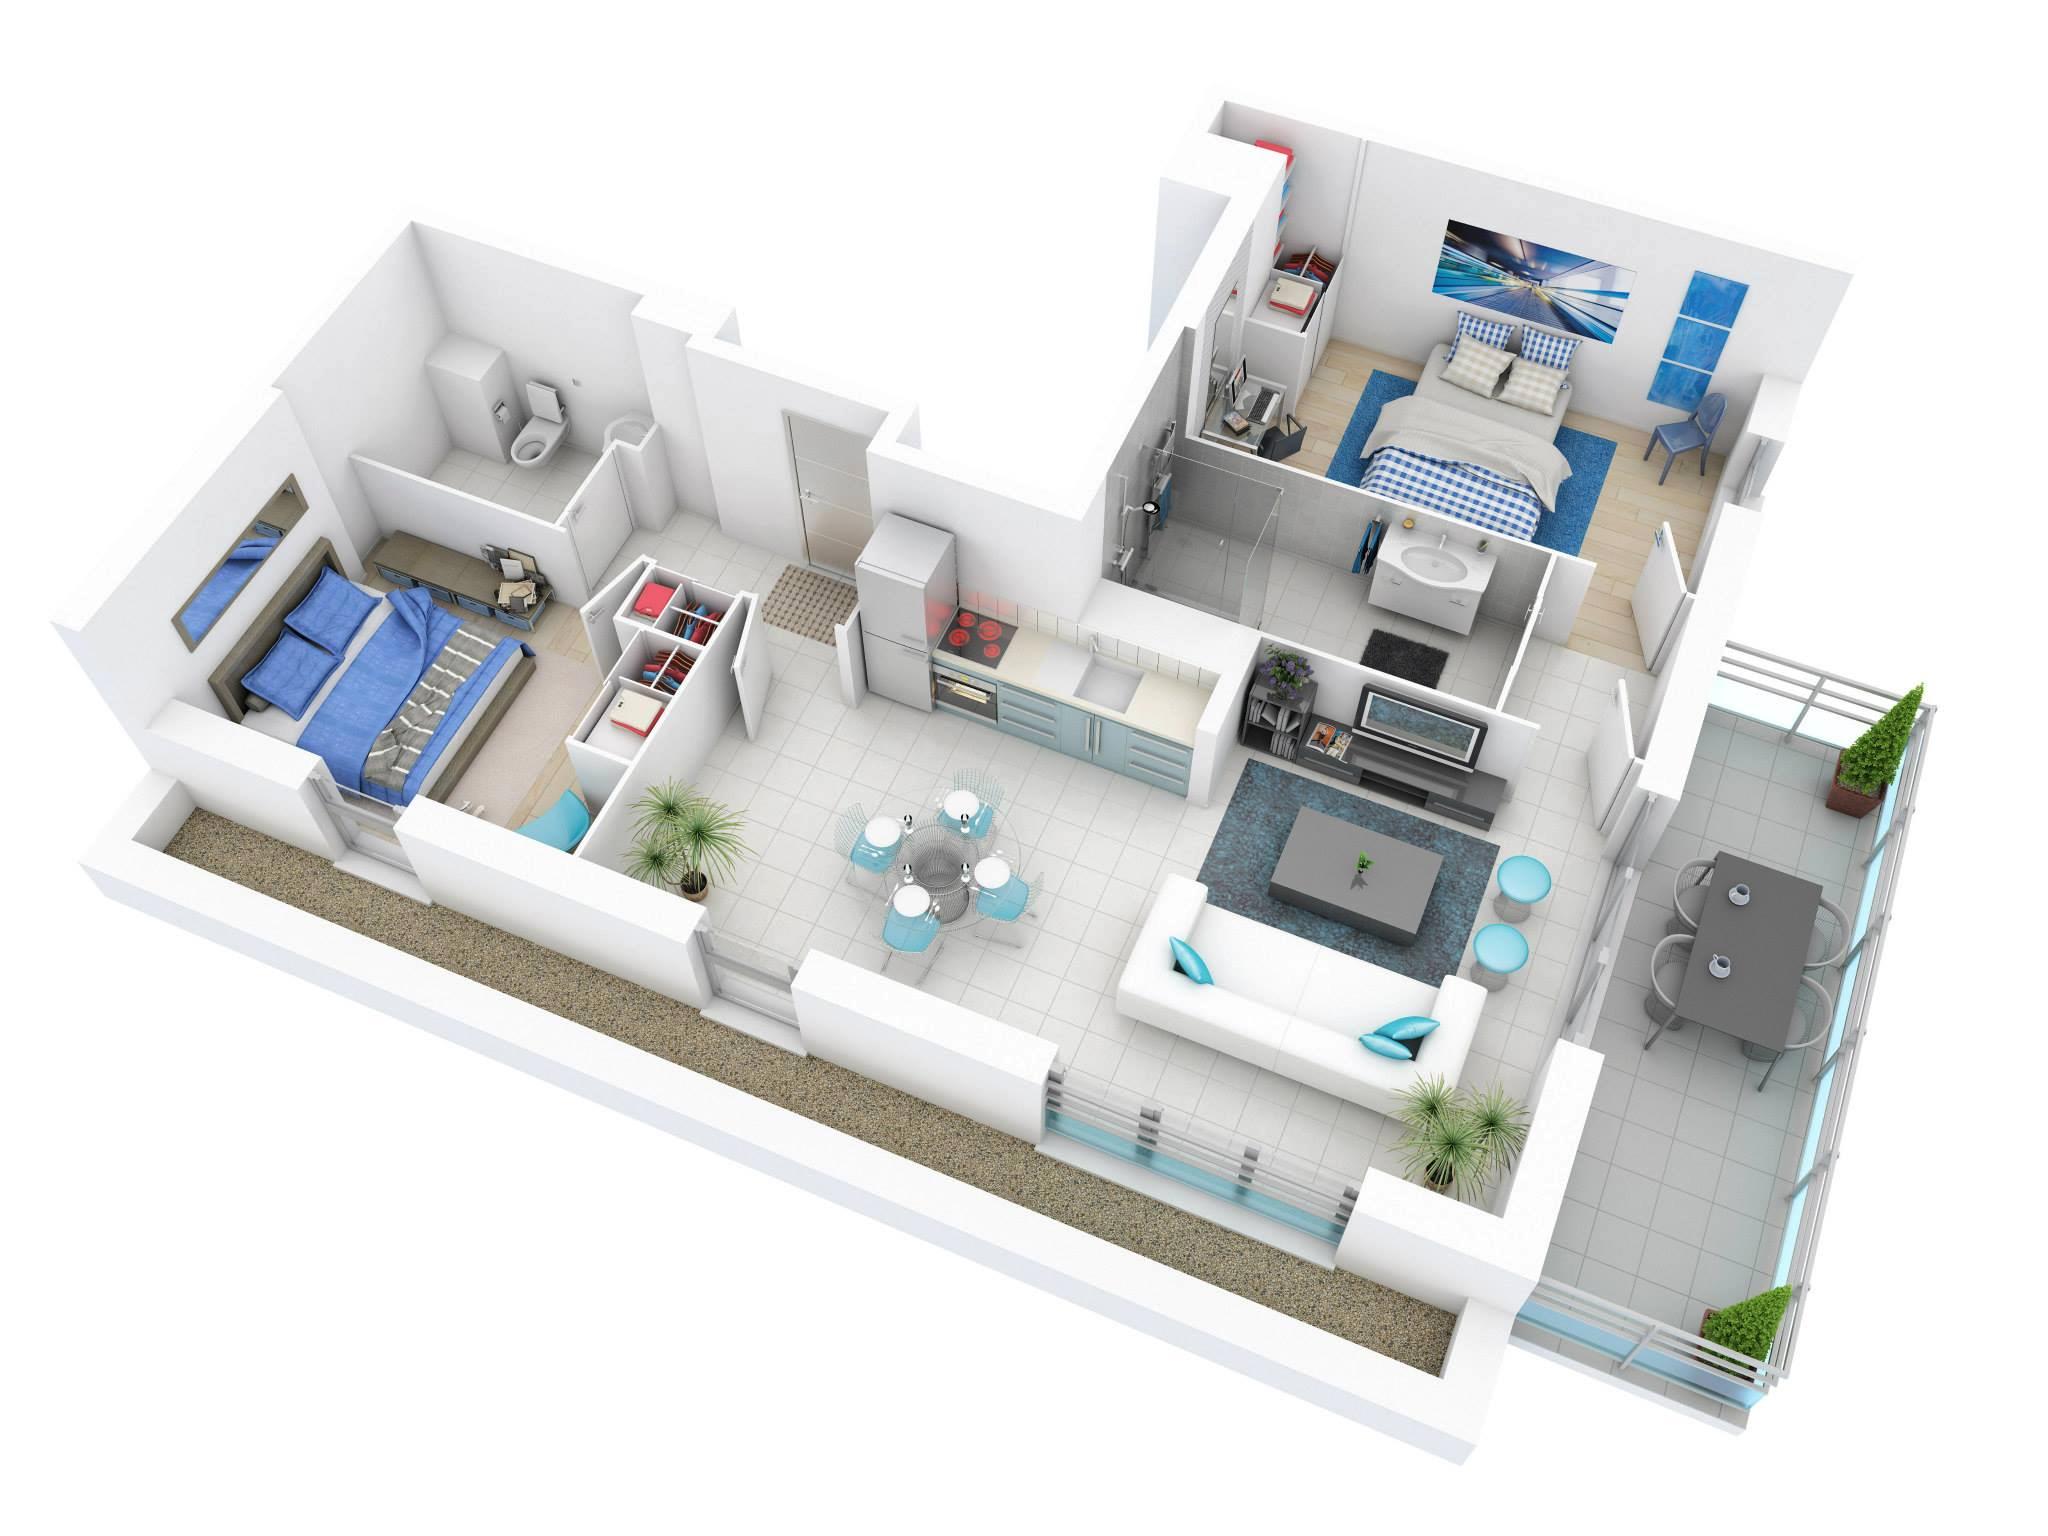 Bungalow Floor Plans 2 Bedroom